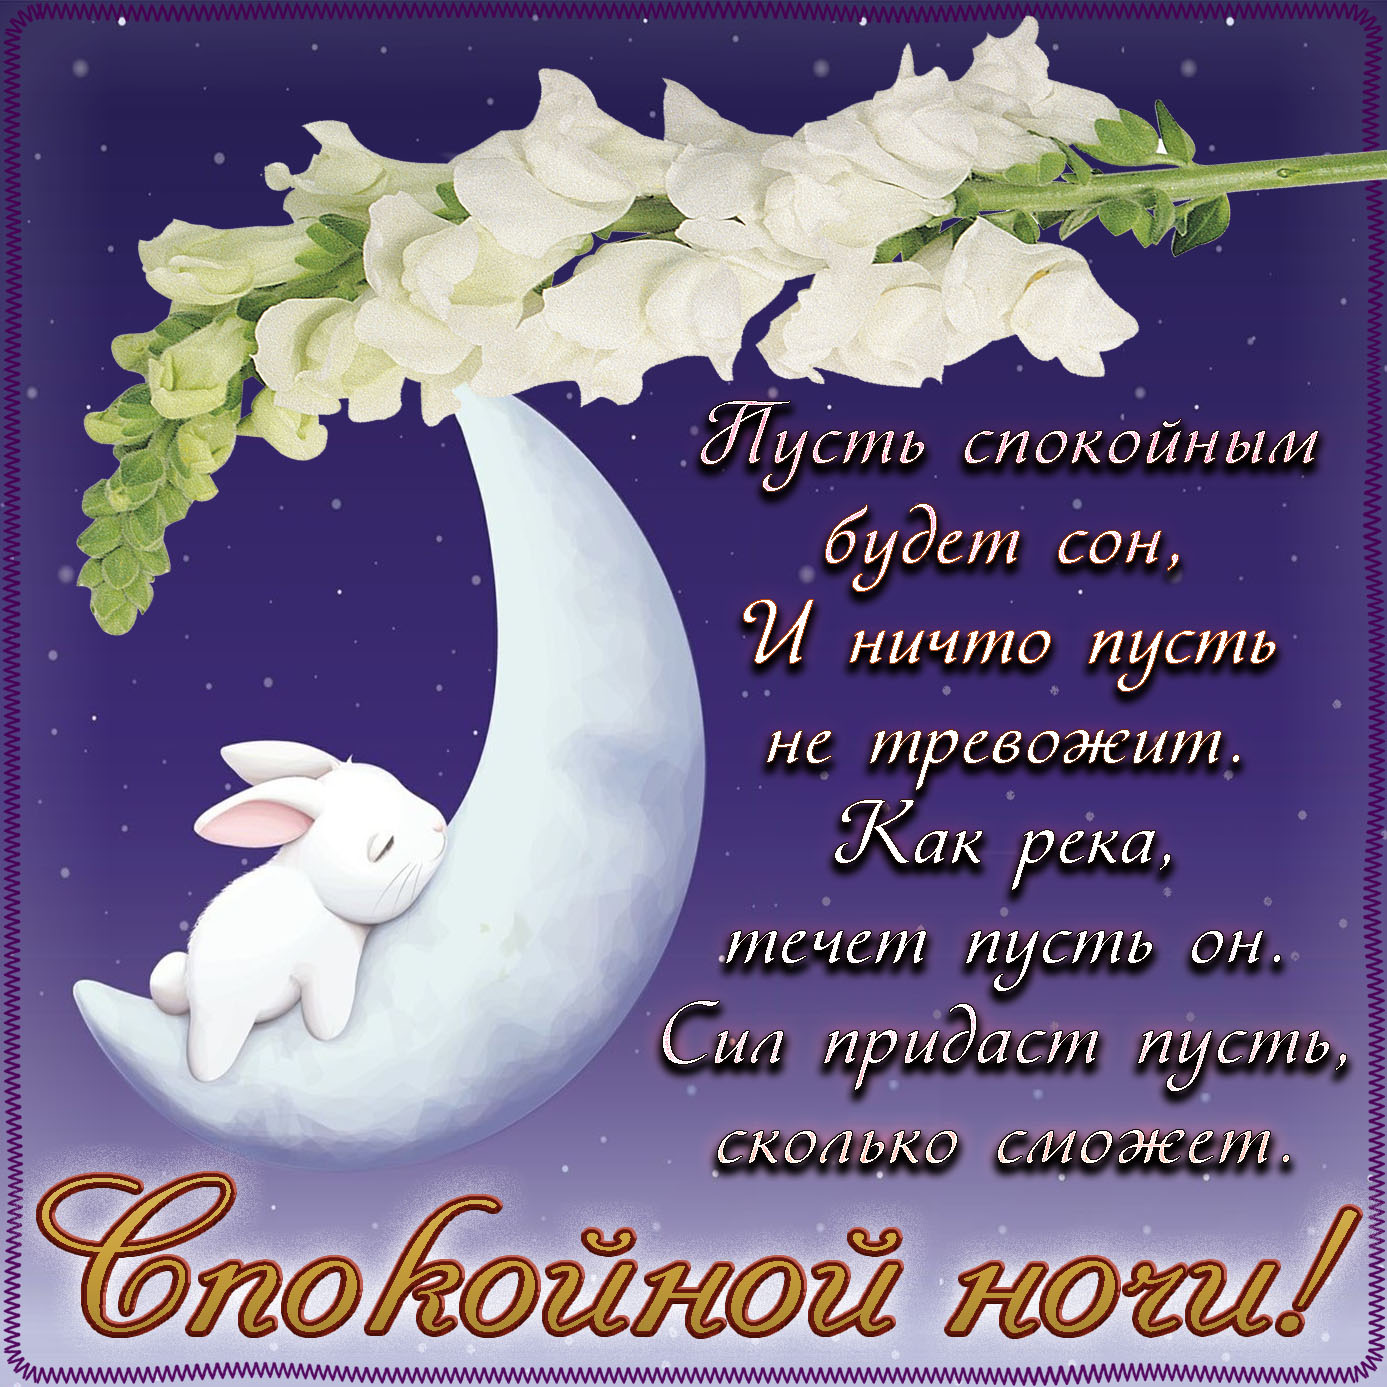 Картинка спокойной ночи с зайцем на луне